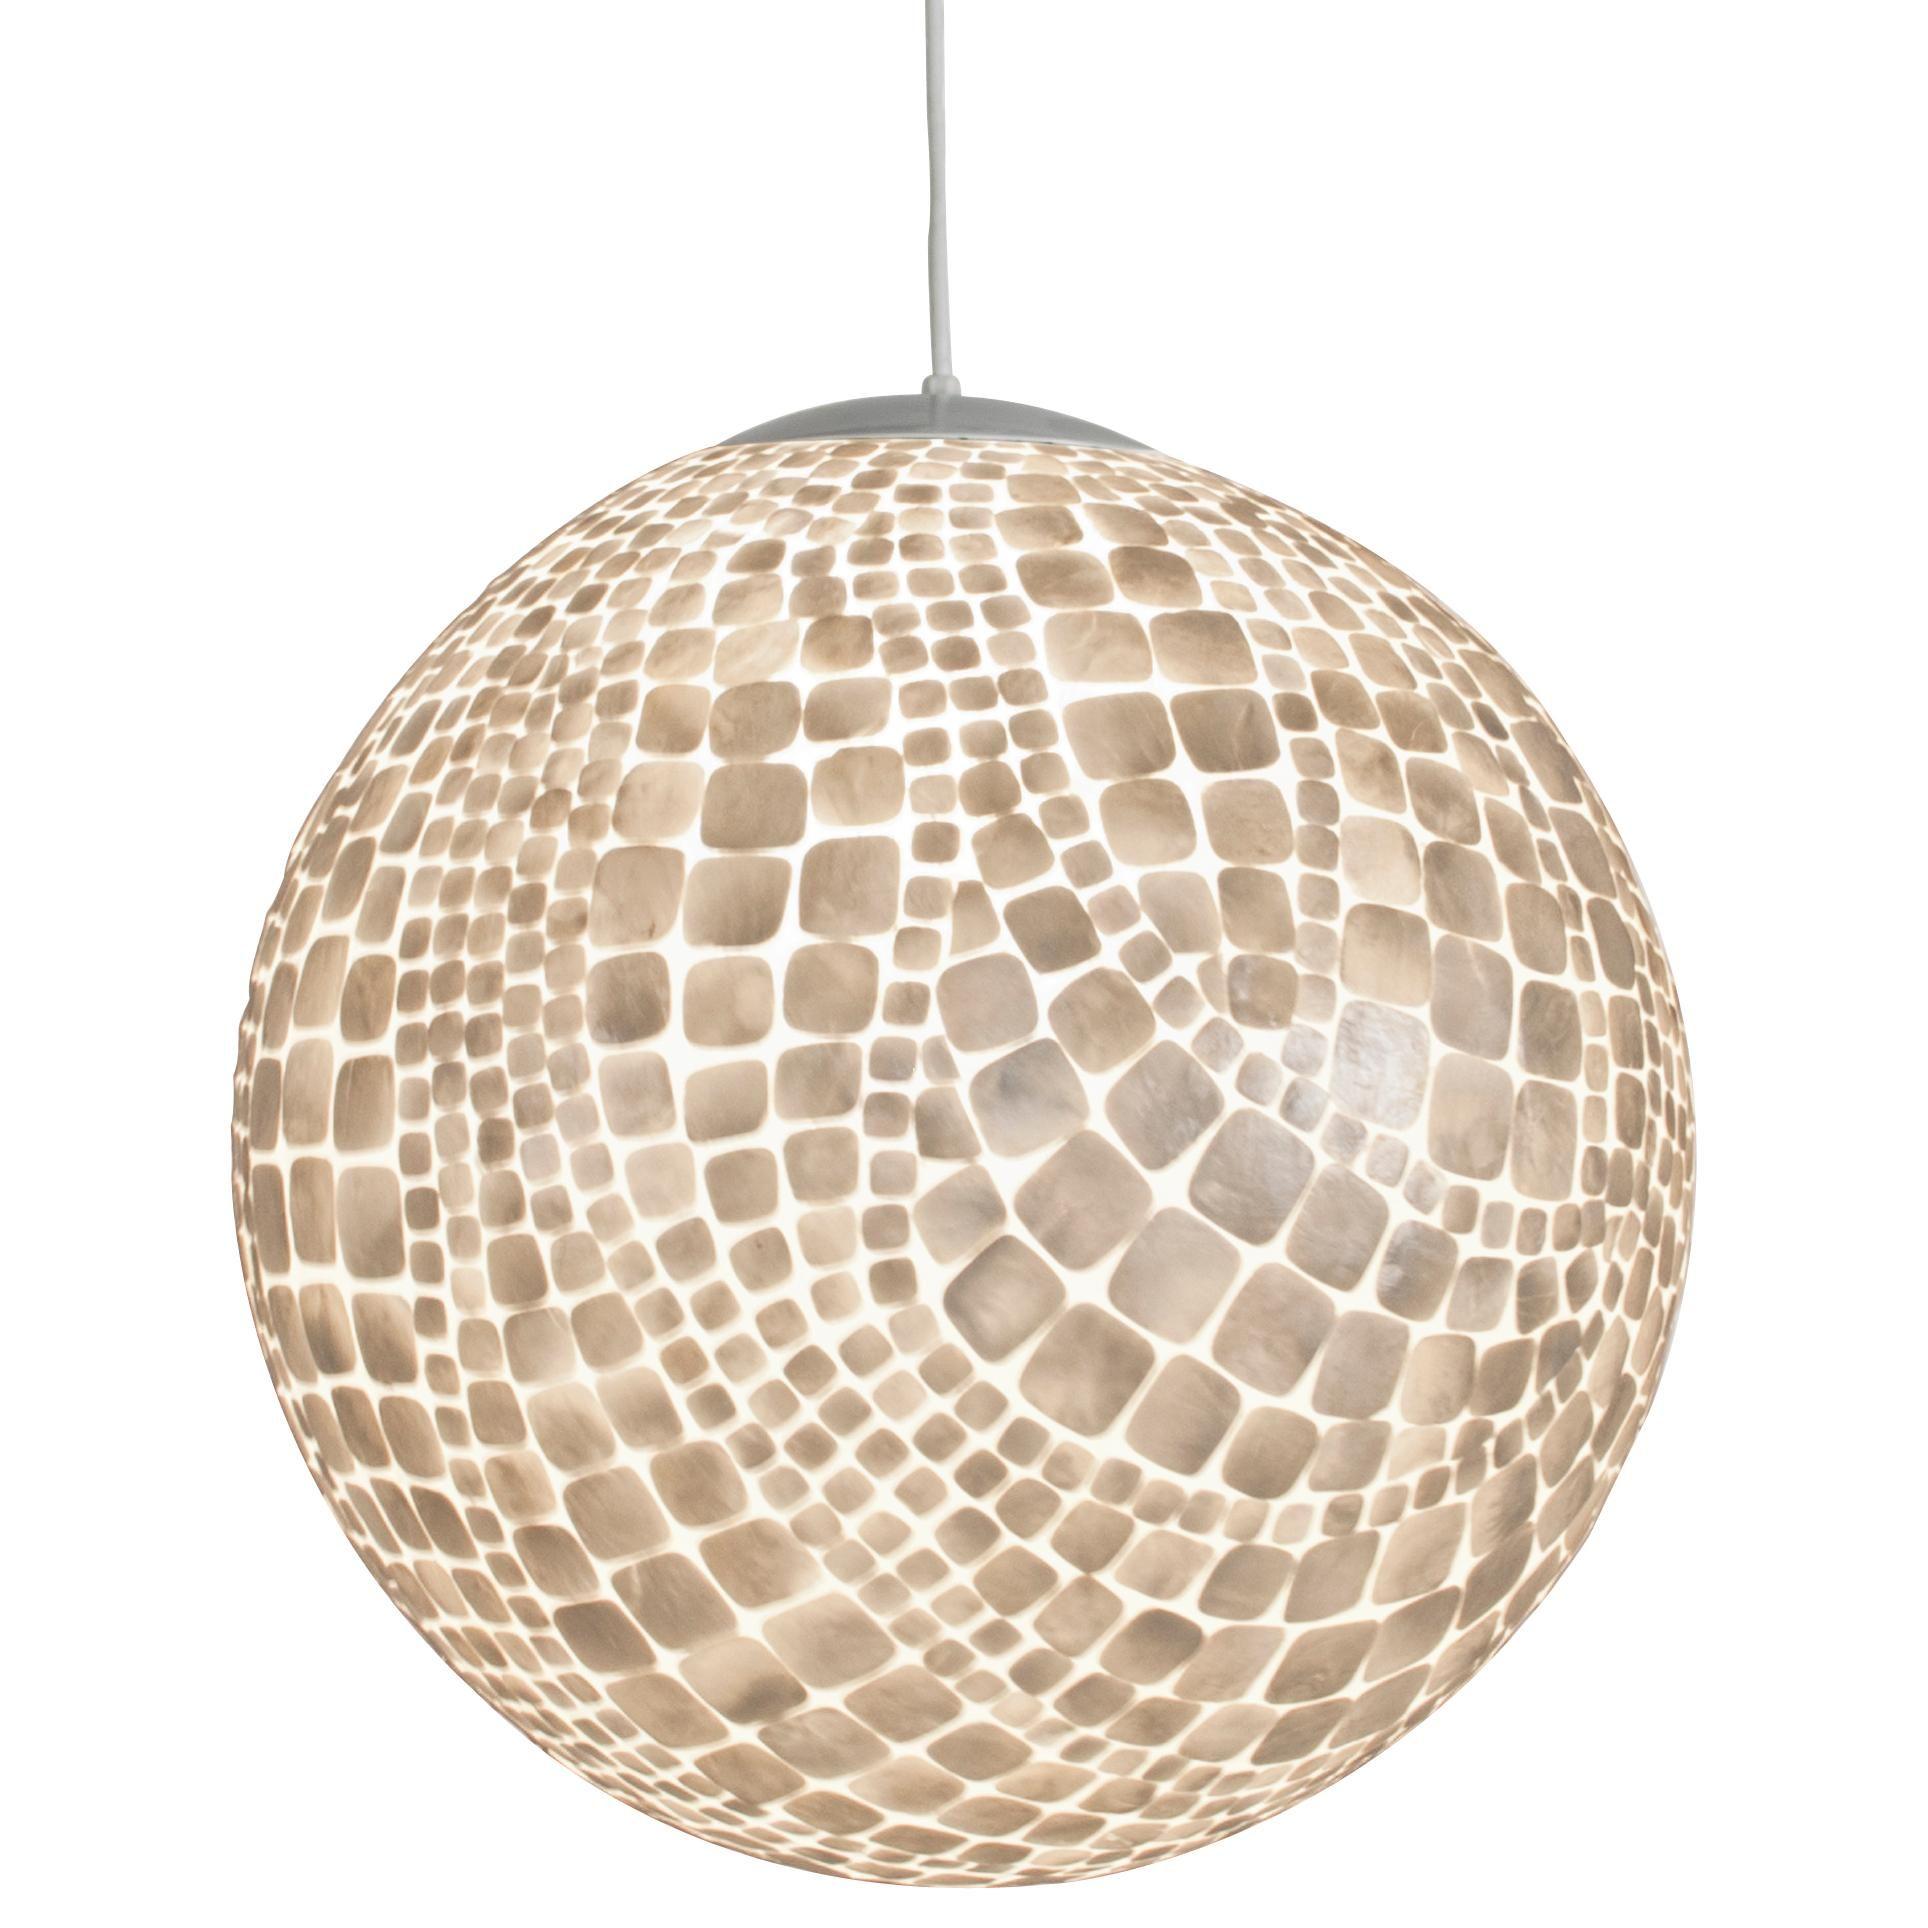 croc capiz shell ball pendant by worlds away photos show item lit